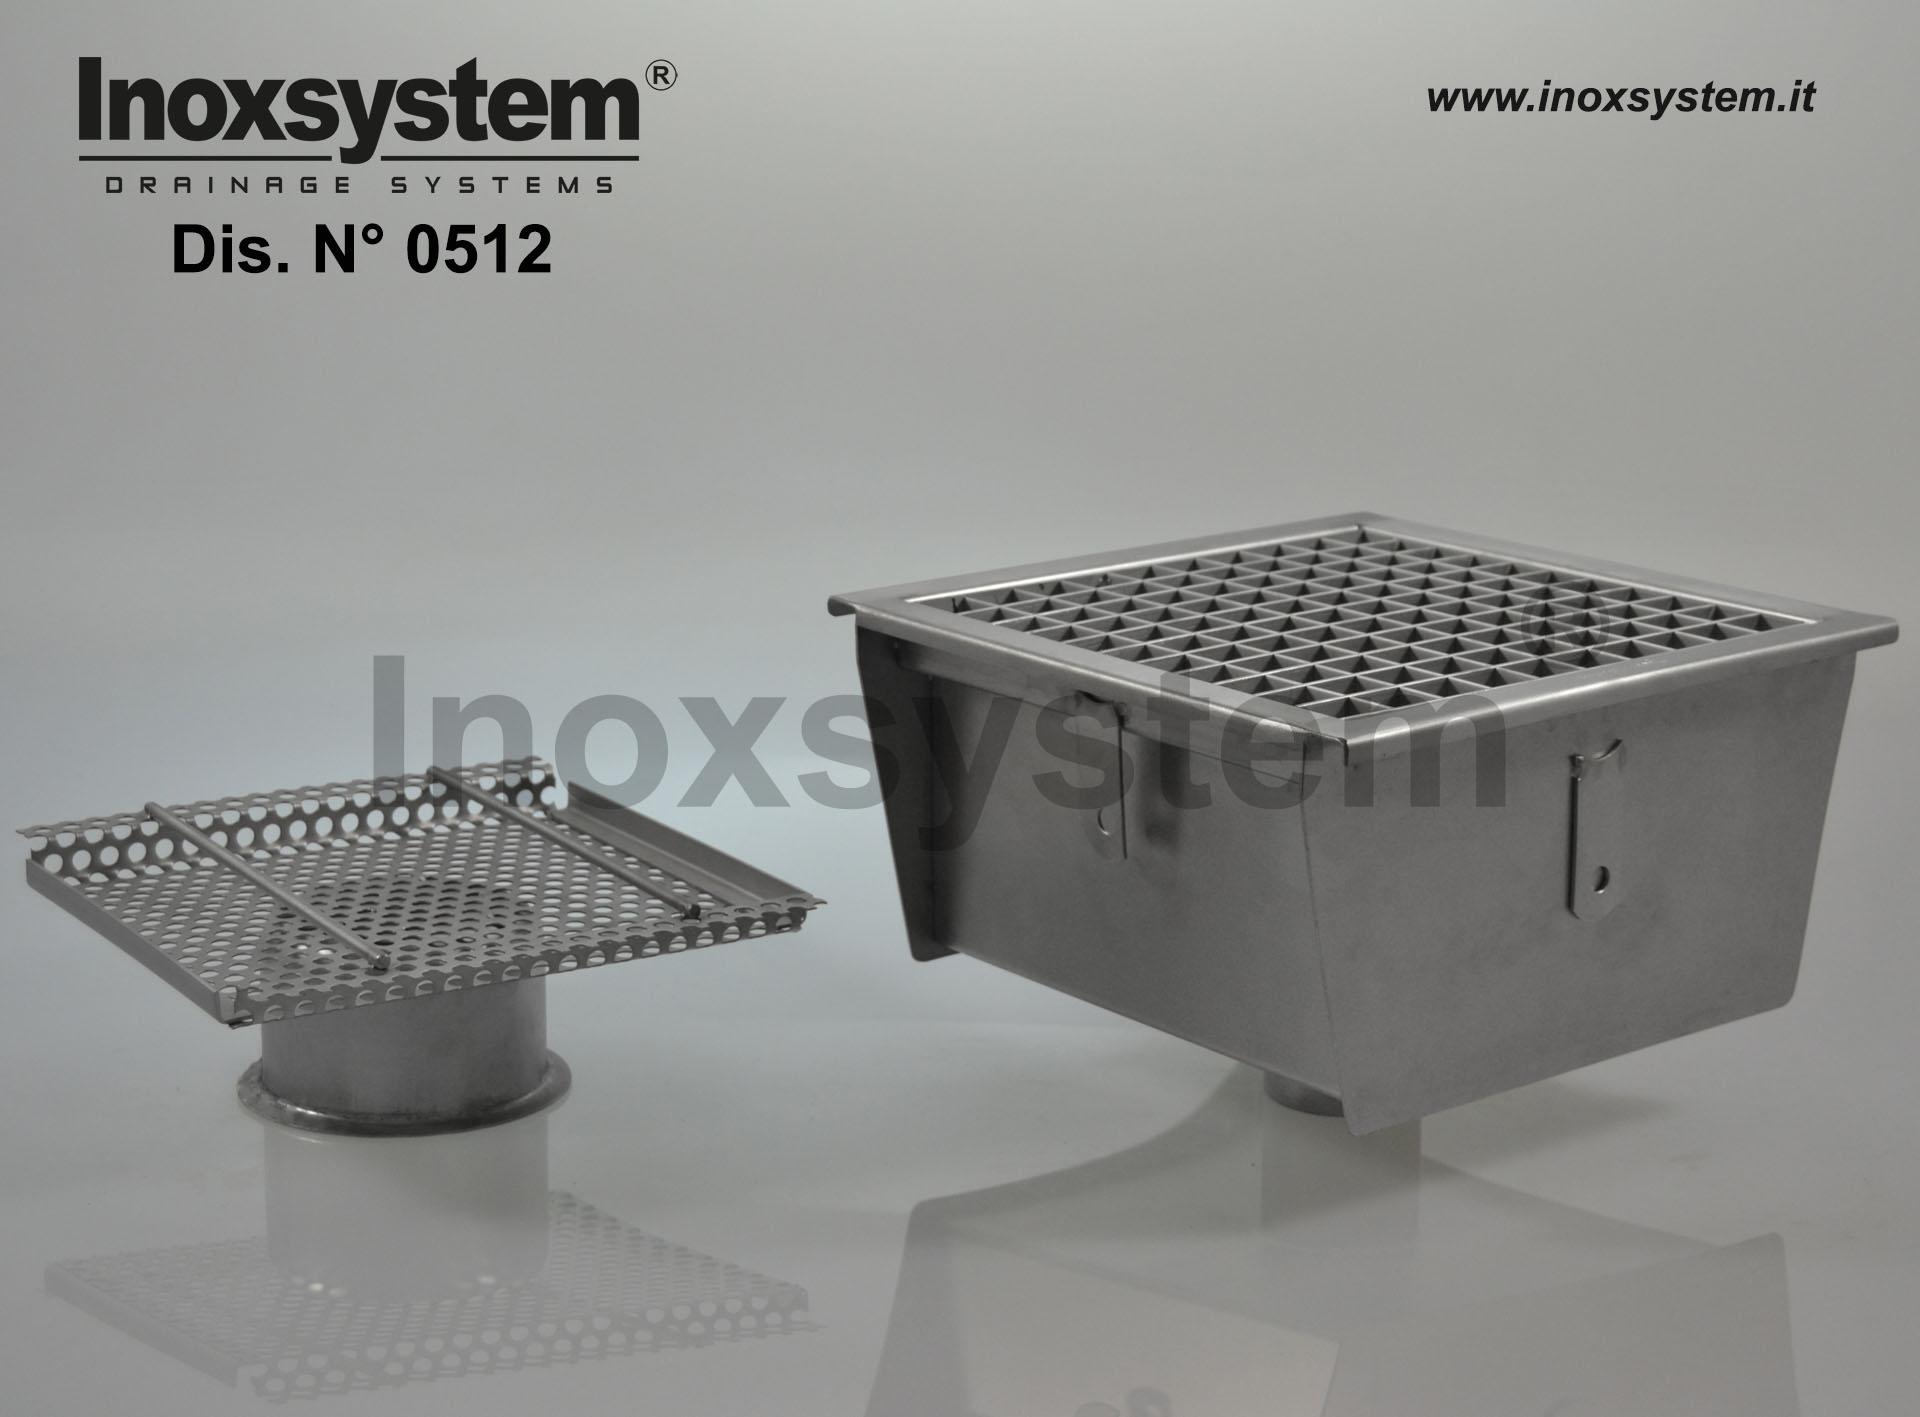 Sumidero en acero inoxidable con rejilla y salida vertical sifonado con filtro extraíble